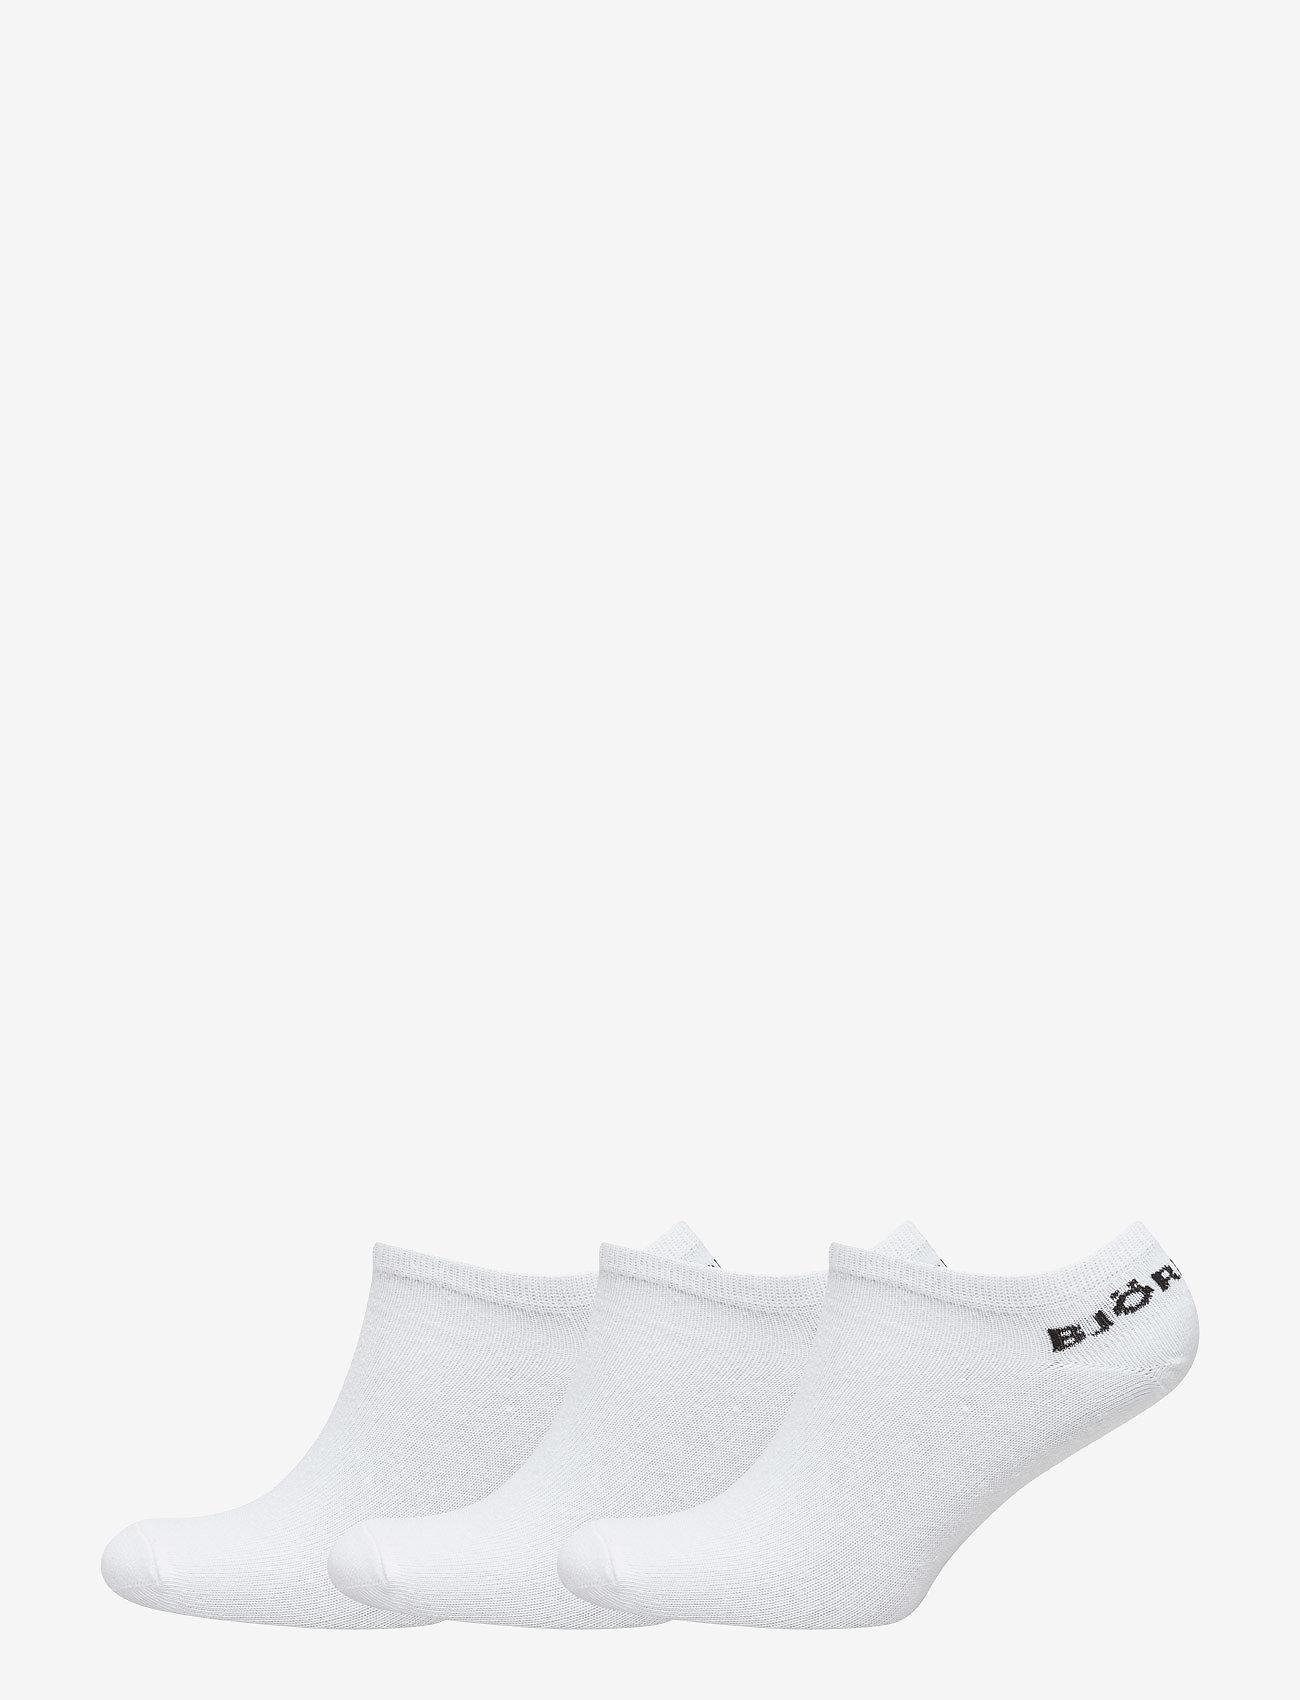 Björn Borg - SOCK ESSENTIAL 3p - gewone sokken - white - 0